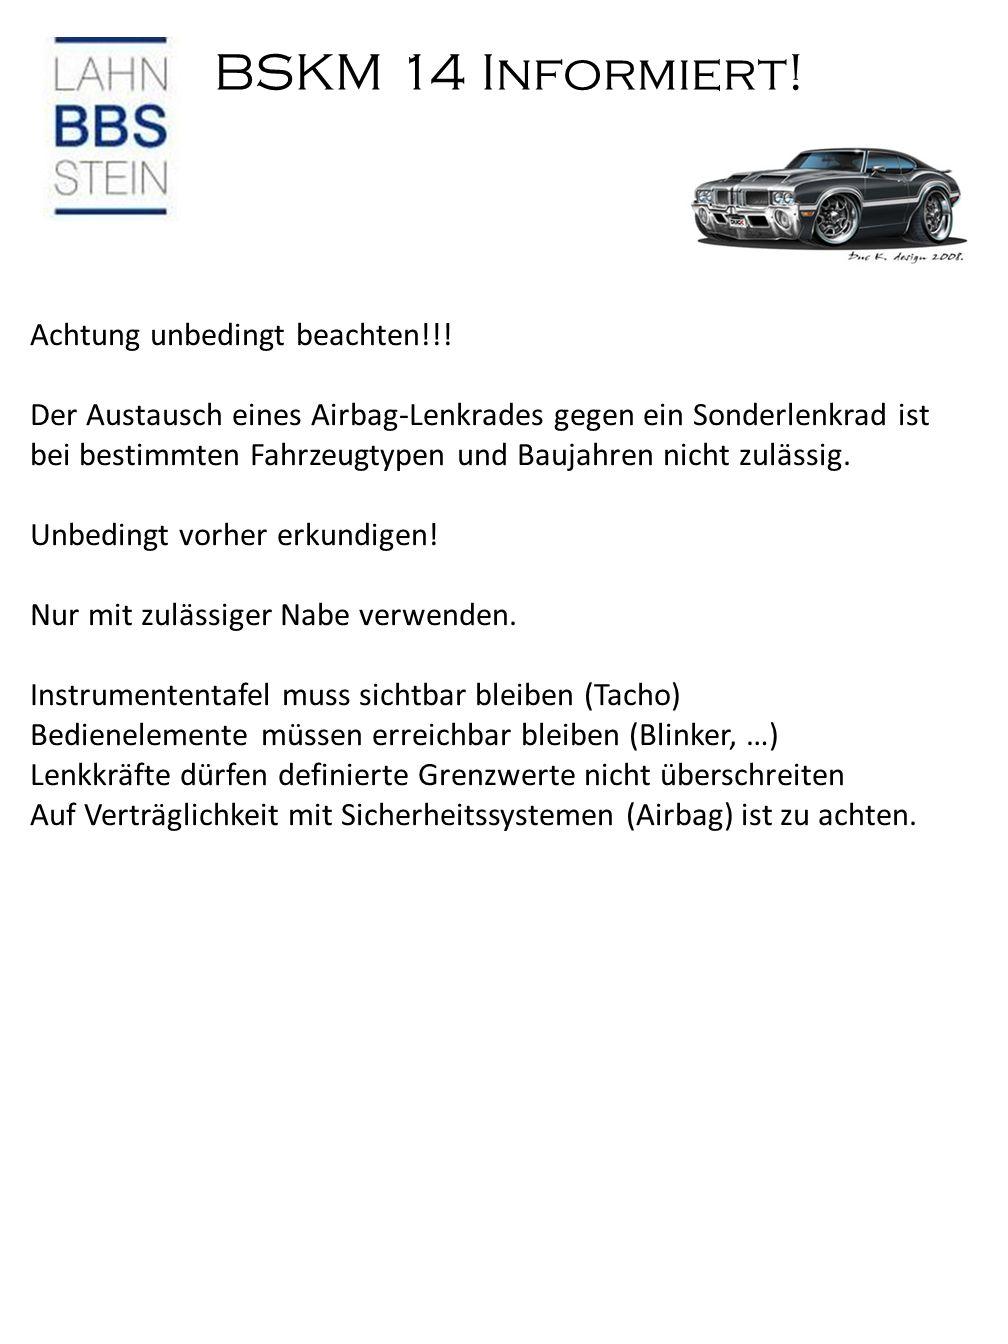 BSKM 14 Informiert.Achtung unbedingt beachten!!.